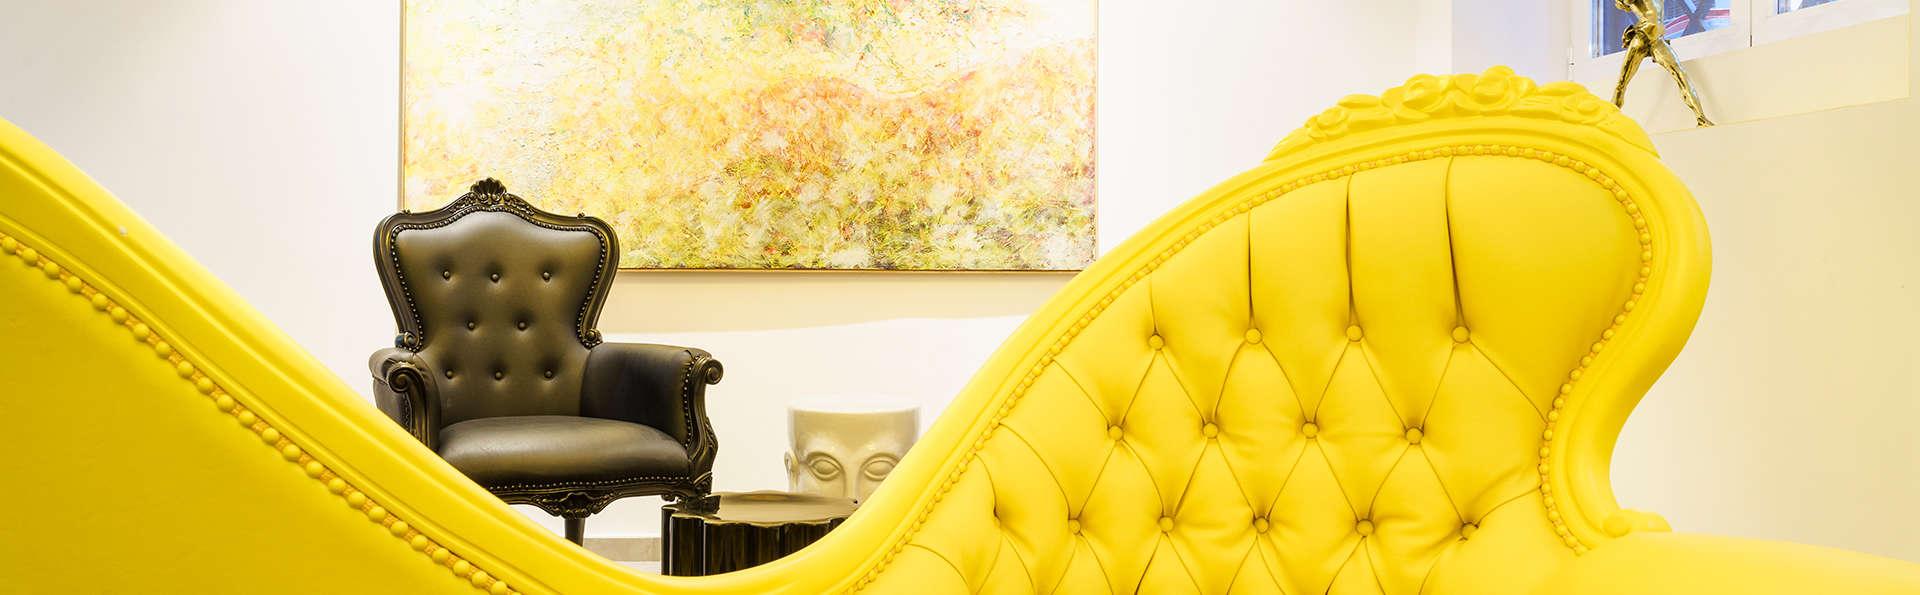 Alójate al lado de Gran vía: hotel boutique con desayuno y categoría superior de habitación